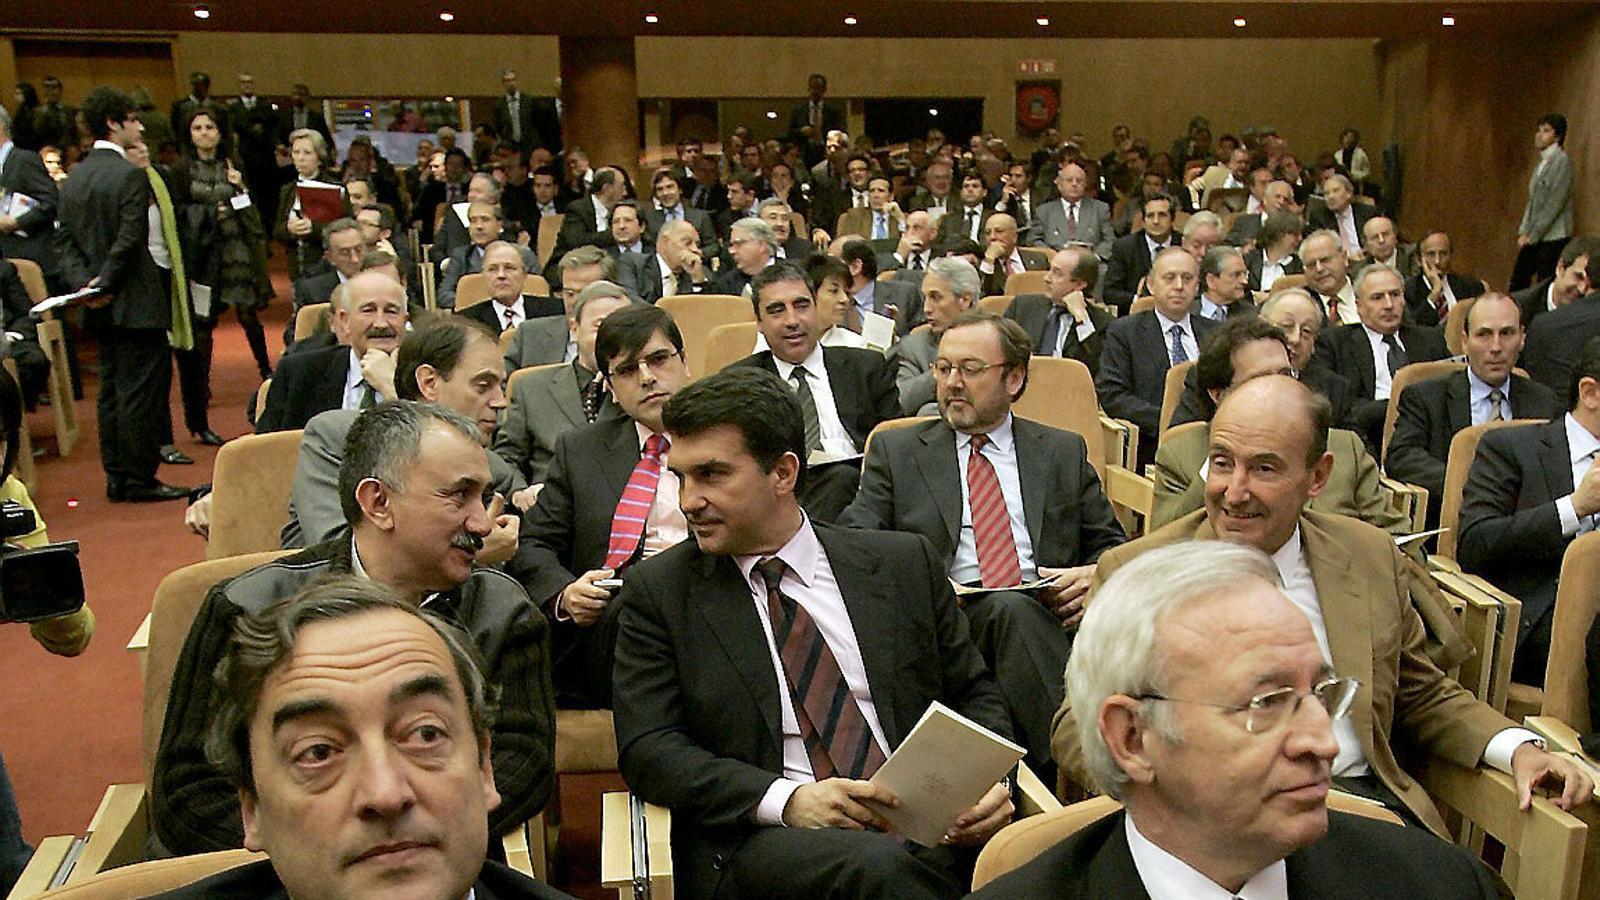 El 2007 un acte a l'escola de negocis Iese va reunir més d'un centenar de personalitats del món empresarial i acadèmic per reivindicar l'aeroport del Prat.